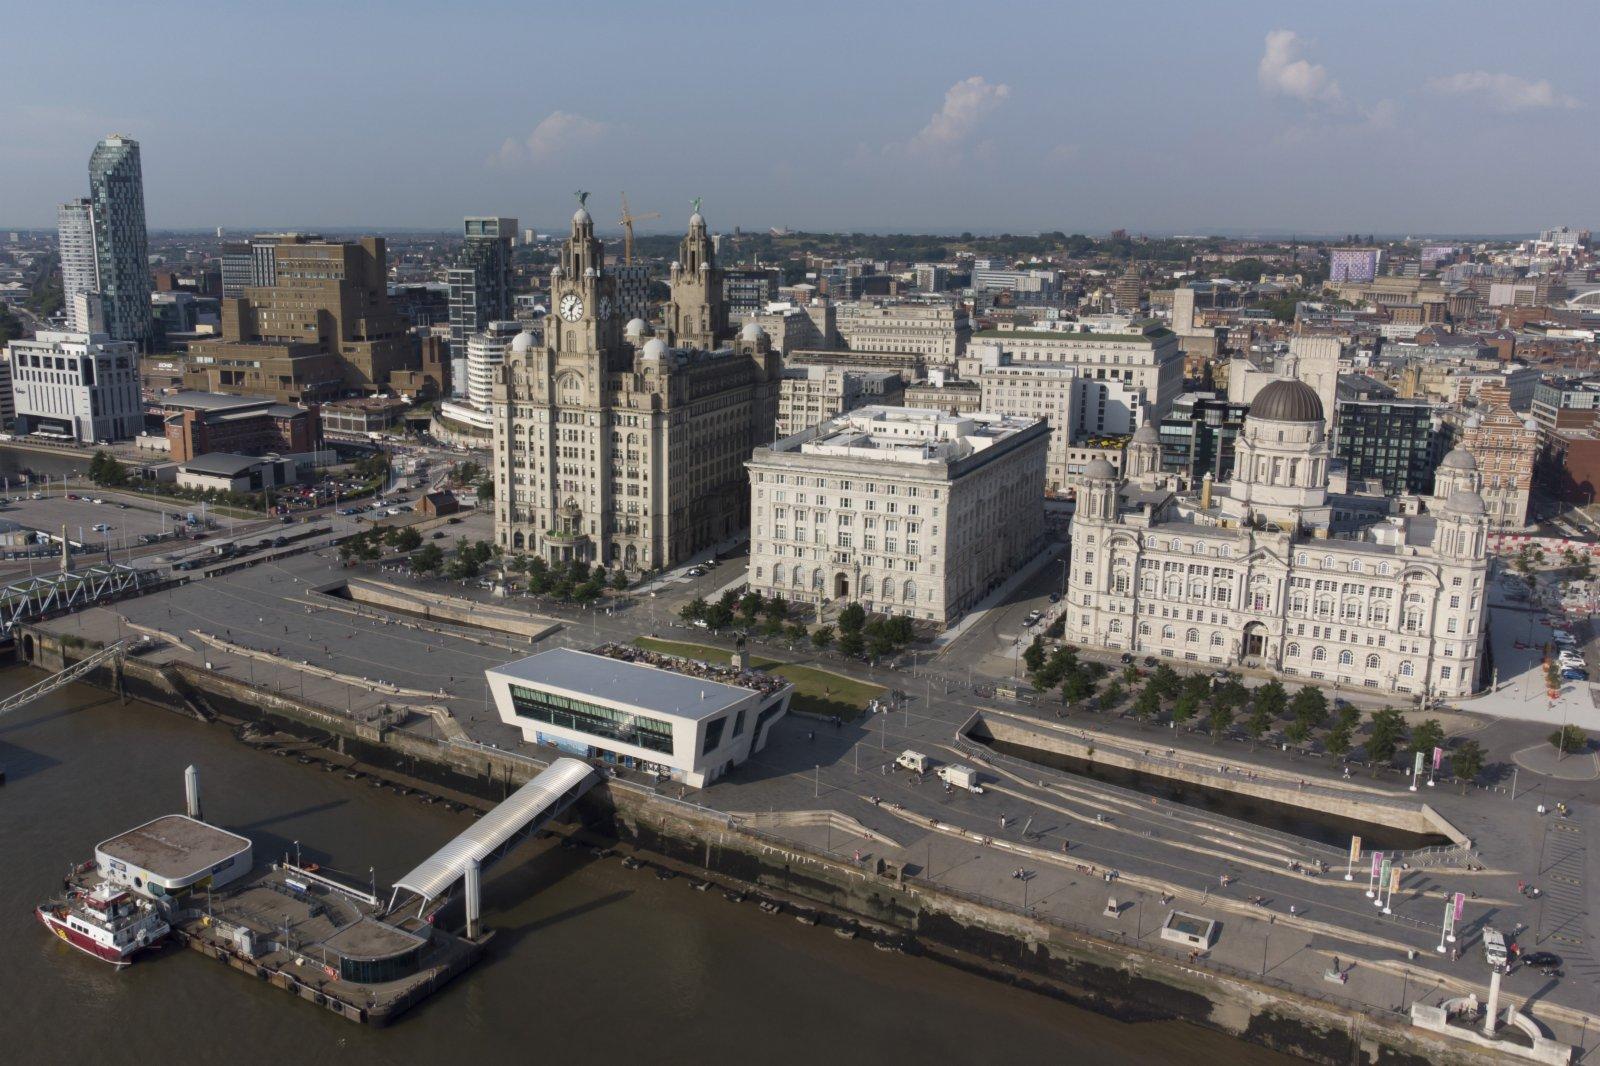 碼頭頂最著名的建築為皇家利物大廈(右三)、丘納德大廈(右二)和利物浦港務大廈(右一),它們被統稱為「美惠三女神」。(新華社)